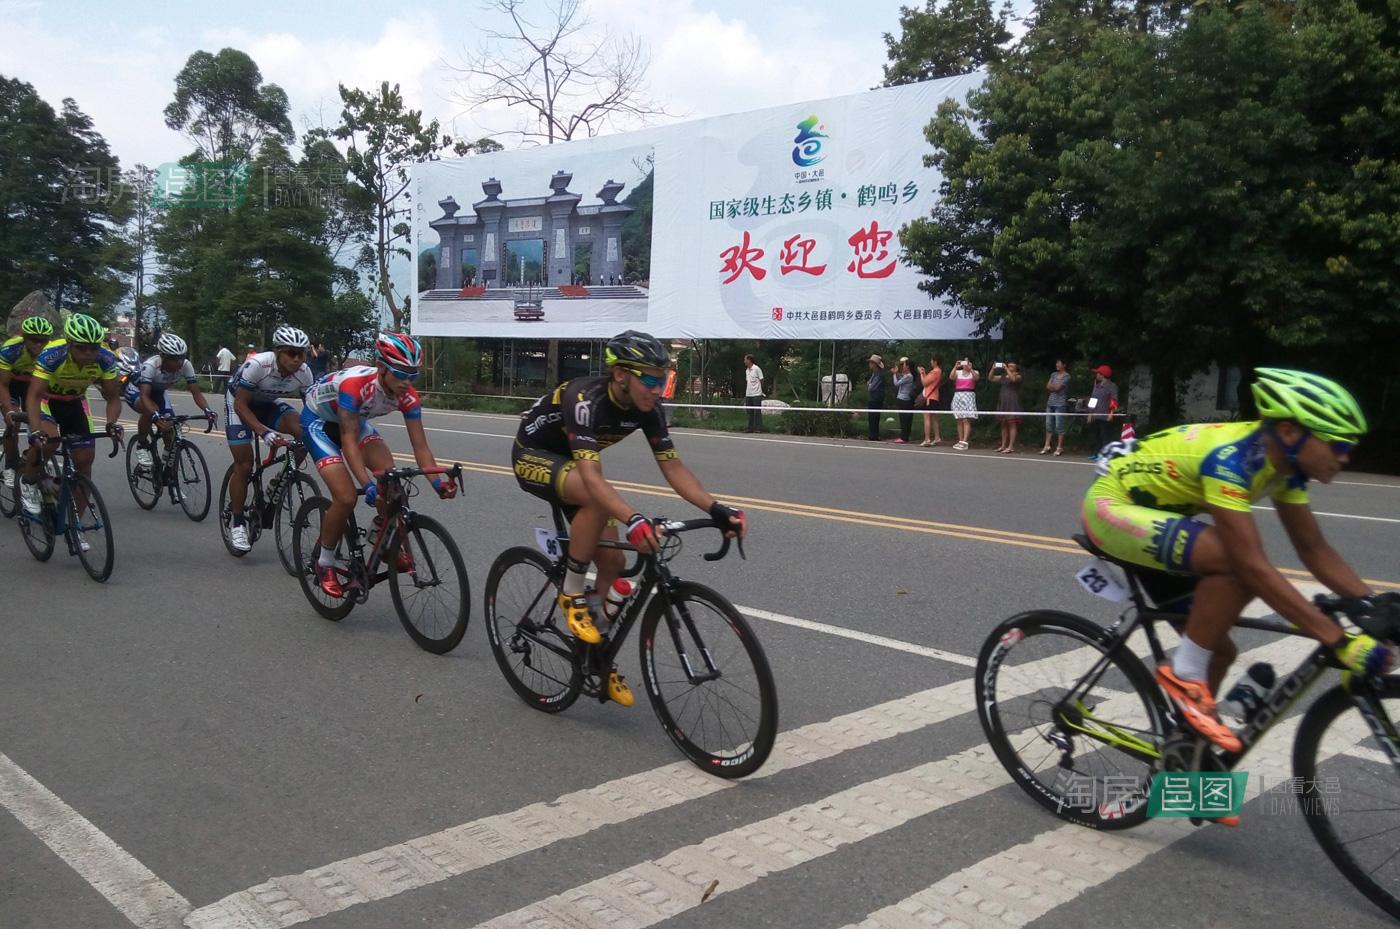 2014环中国自行车赛比赛车队经过大邑县鹤鸣乡,图片来自大邑县鹤鸣乡